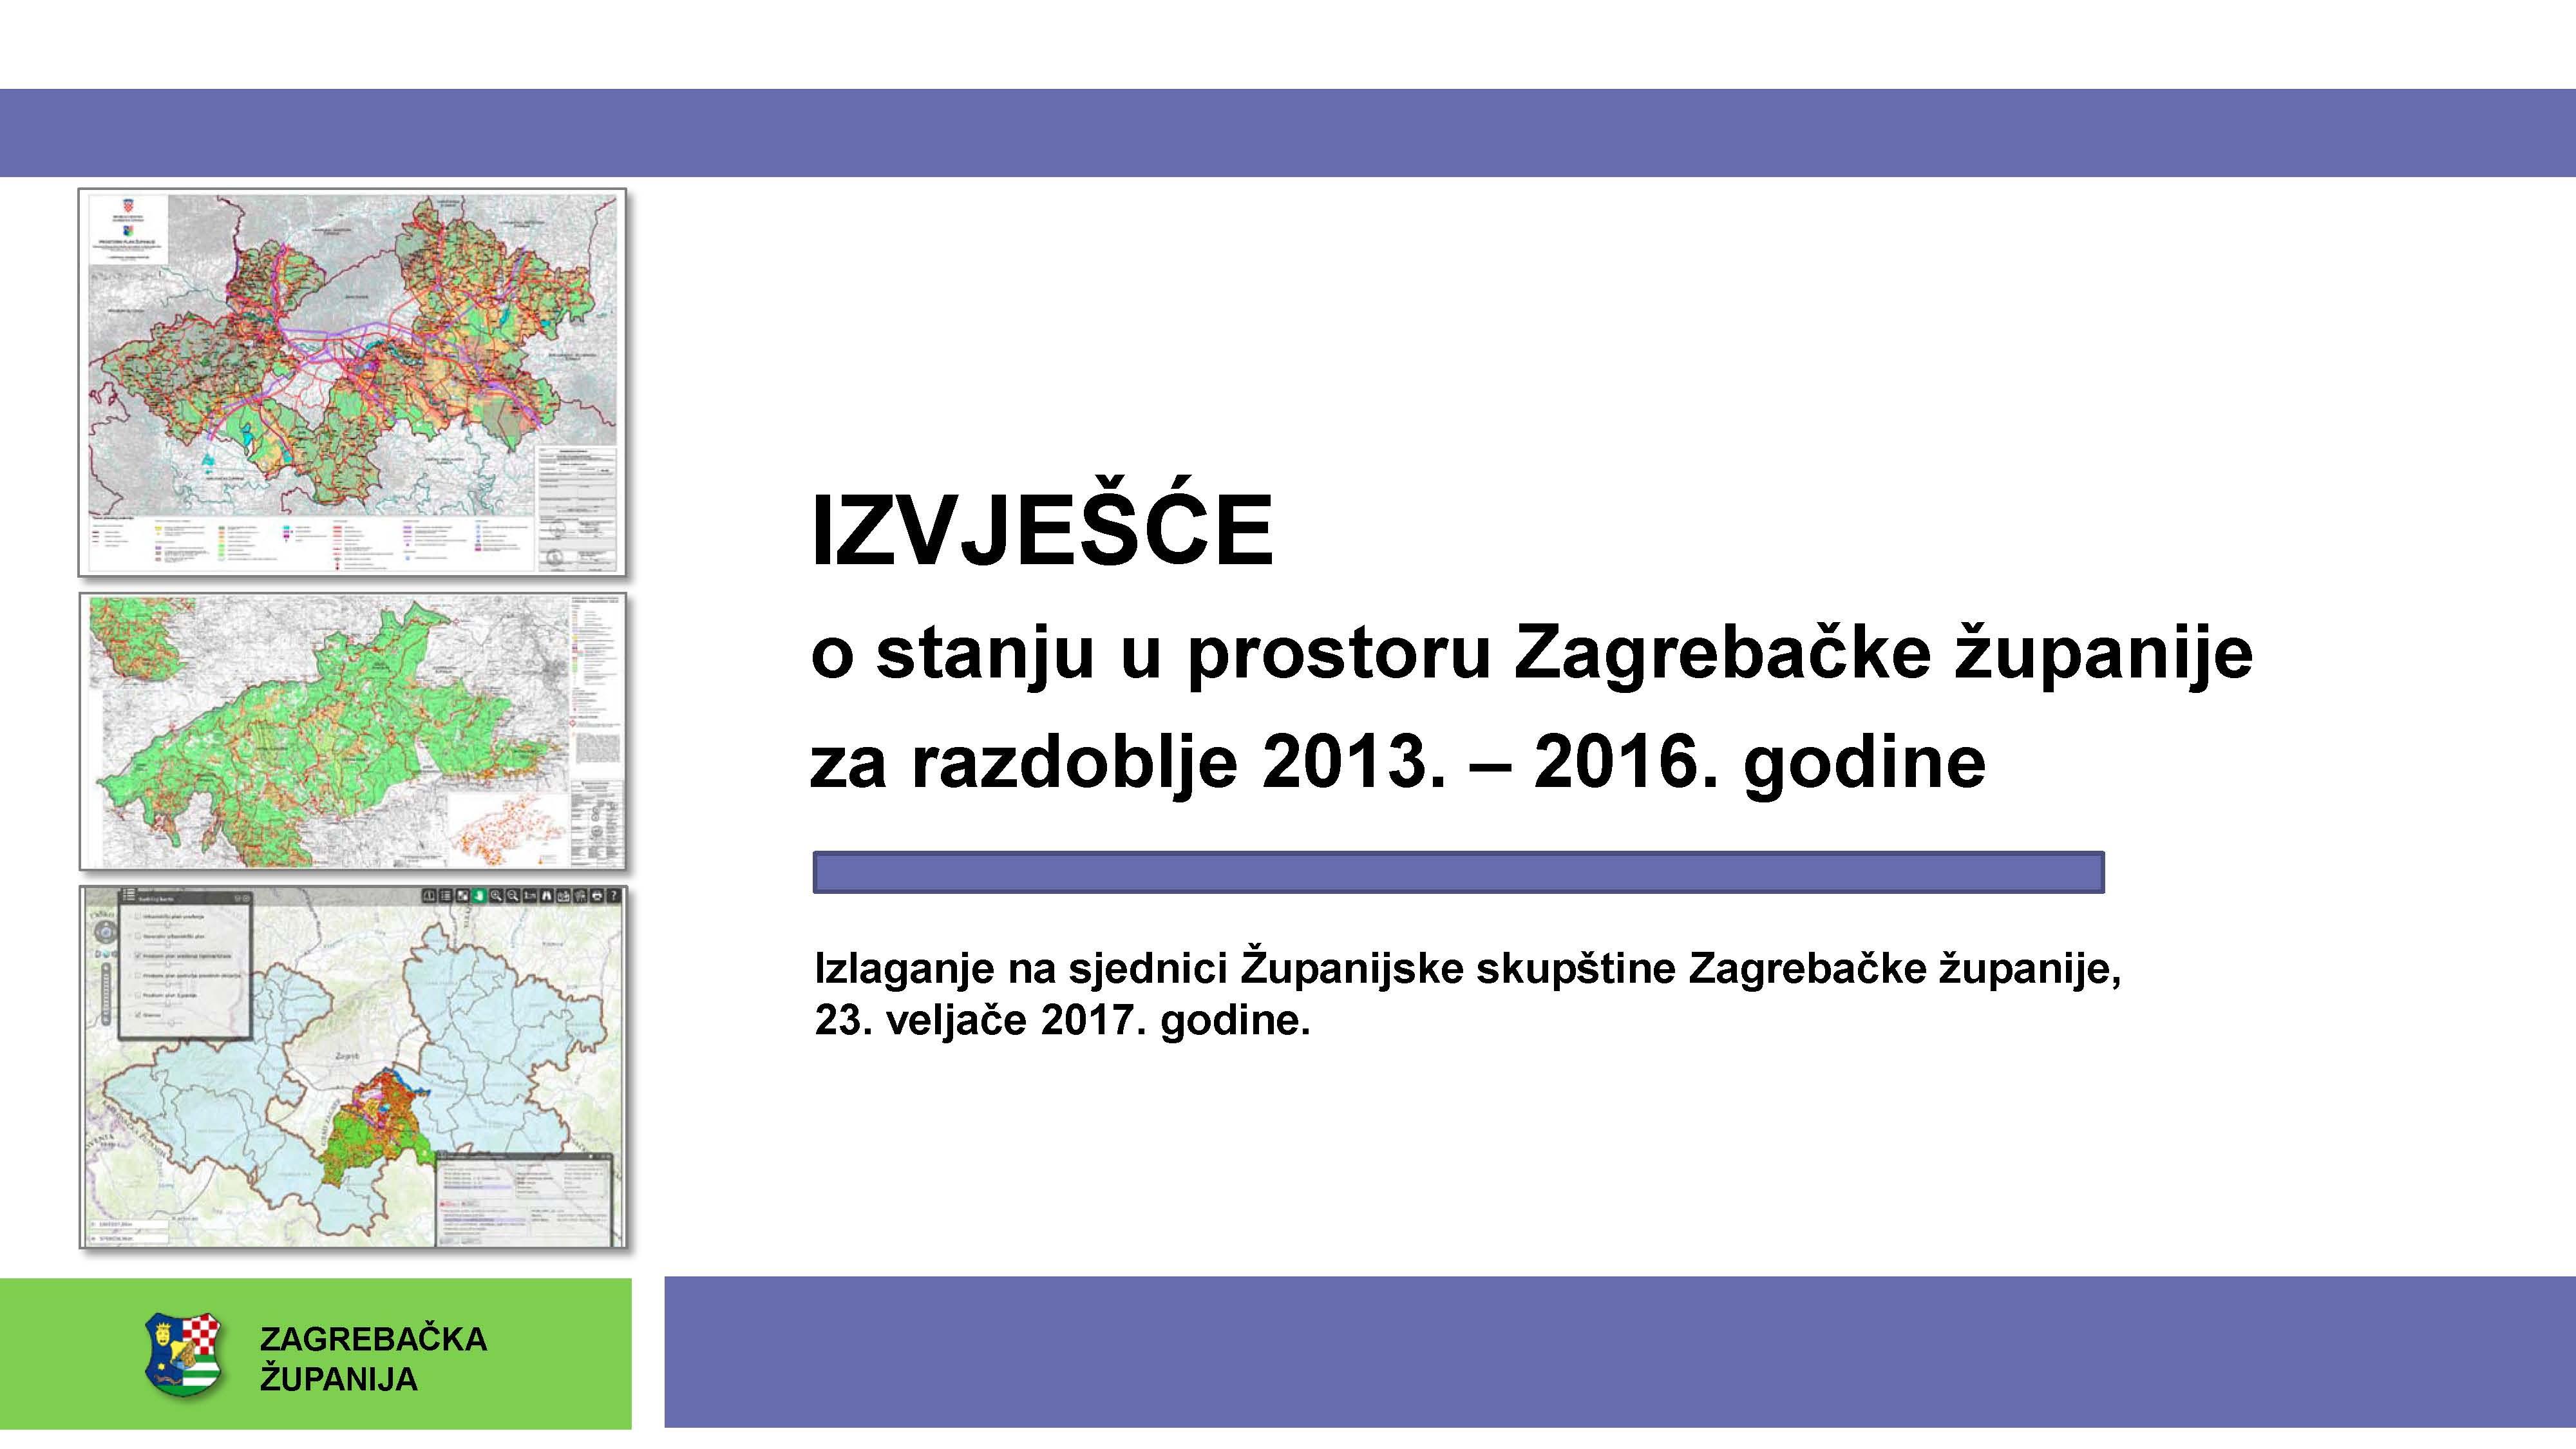 Županijska skupština Zagrebačke županije prihvatila Izvješće o stanju u prostoru Zagrebačke županije 2013. – 2016.